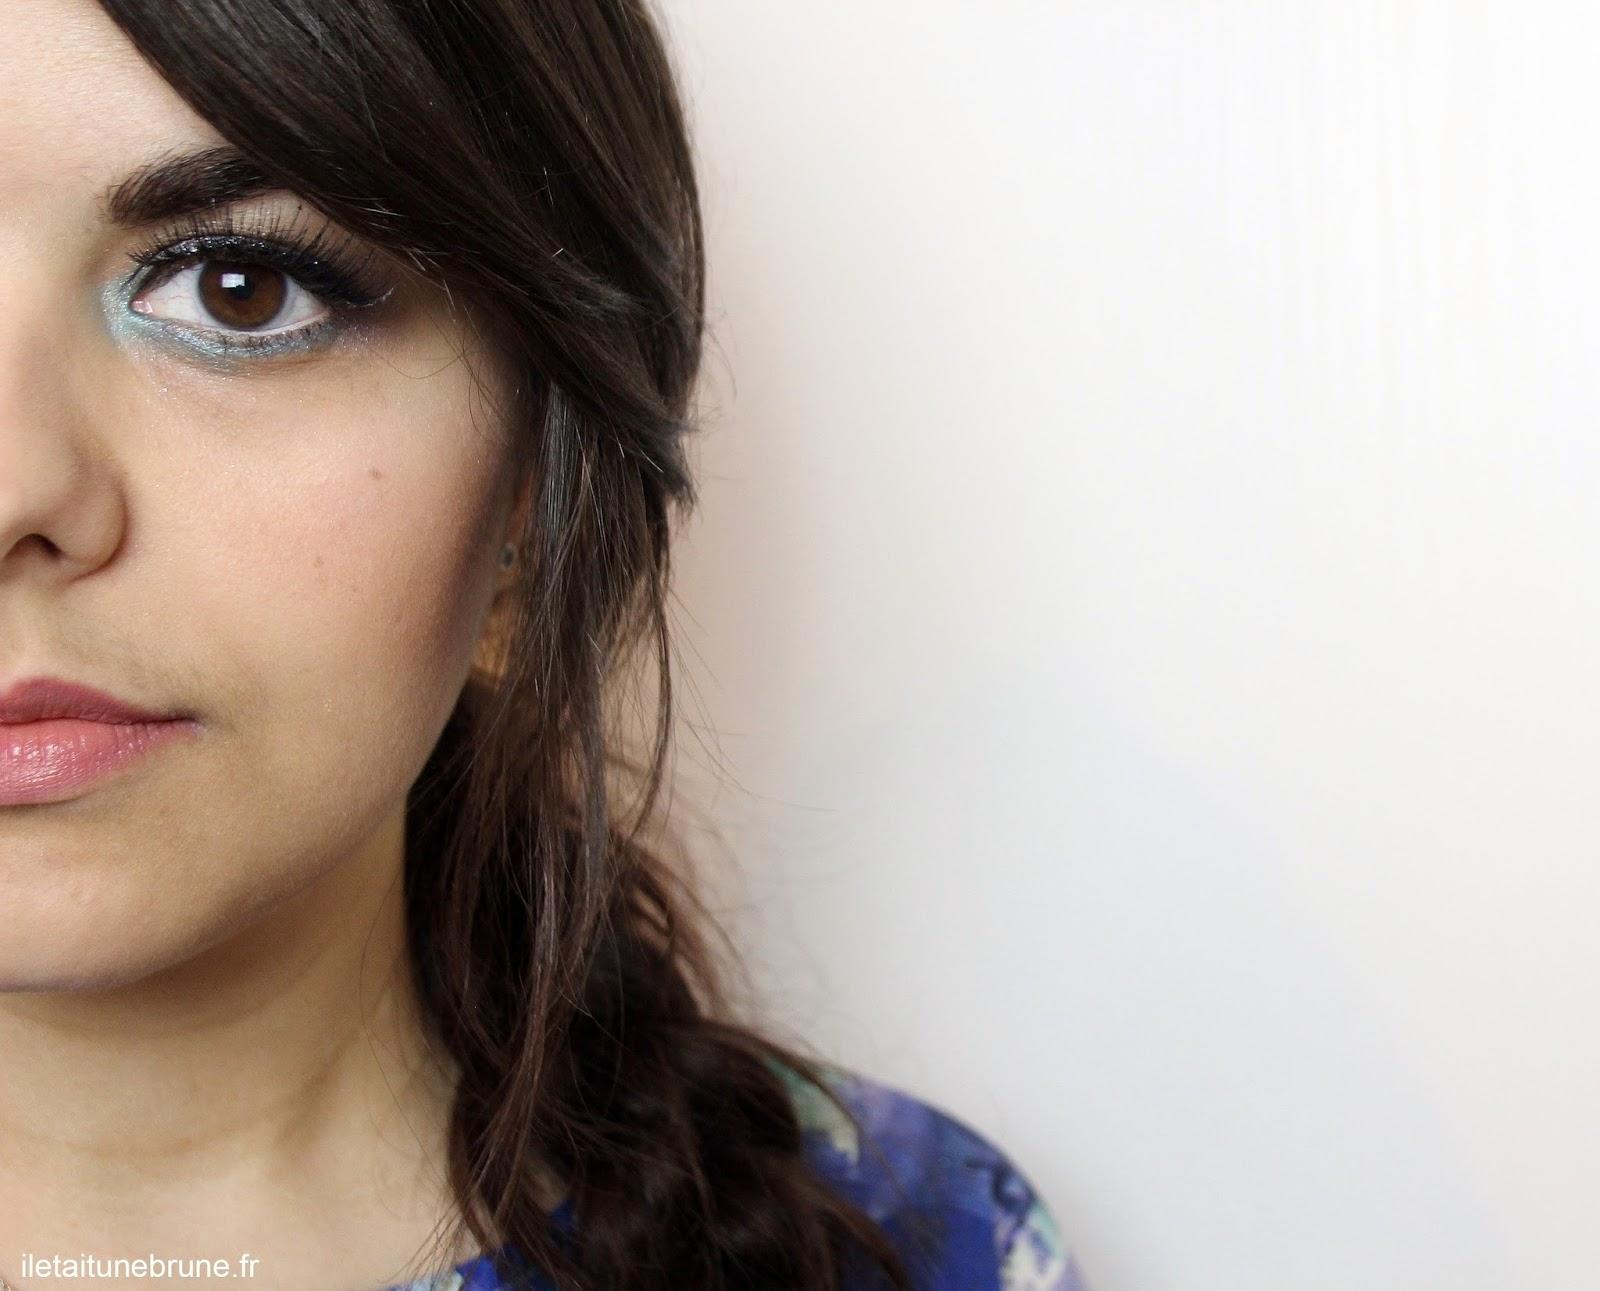 maquillage des yeux bleu azur pour l'été